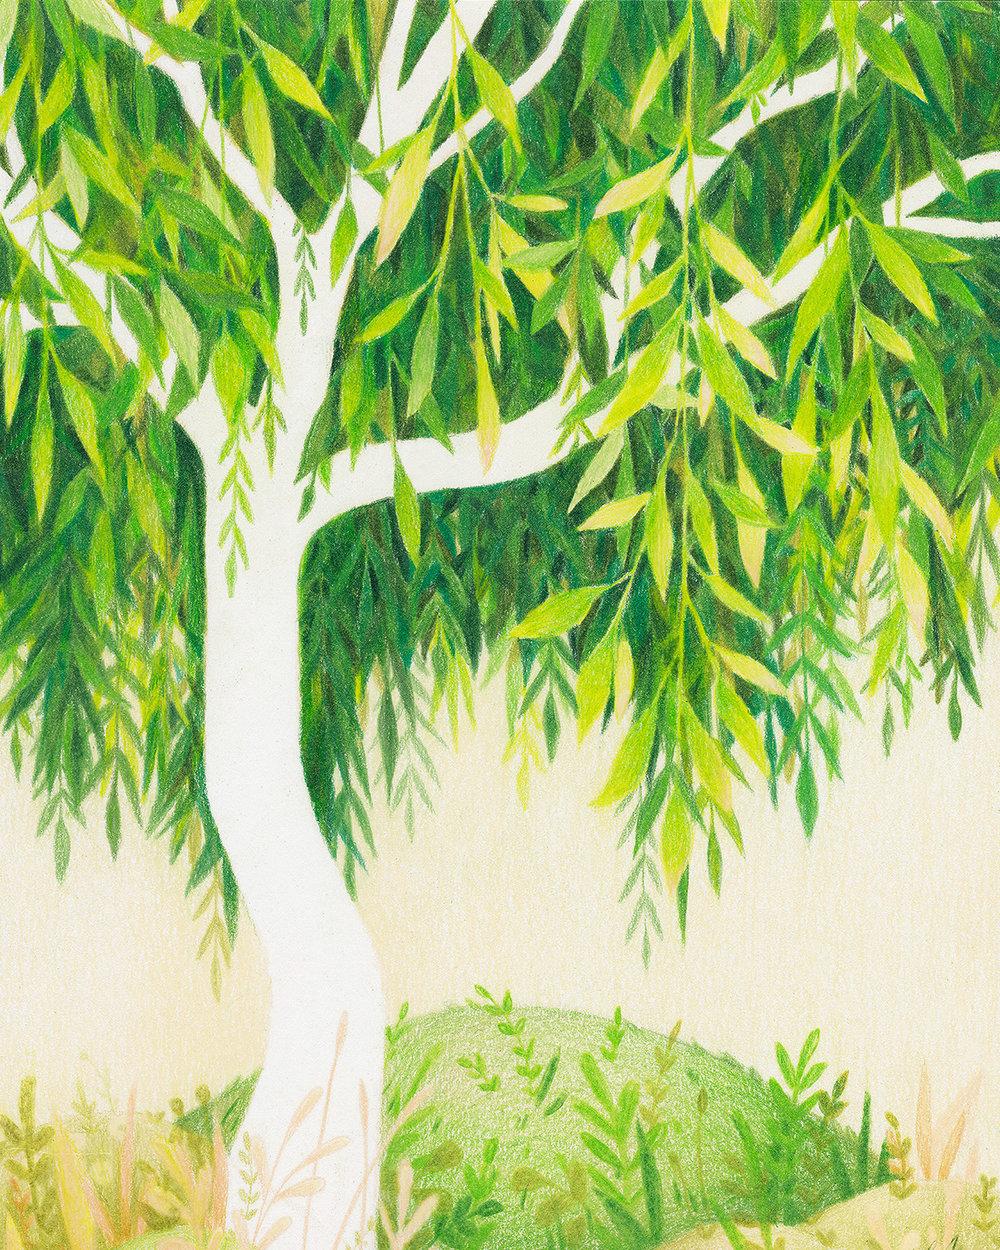 liznugent-greenwillow1.jpg